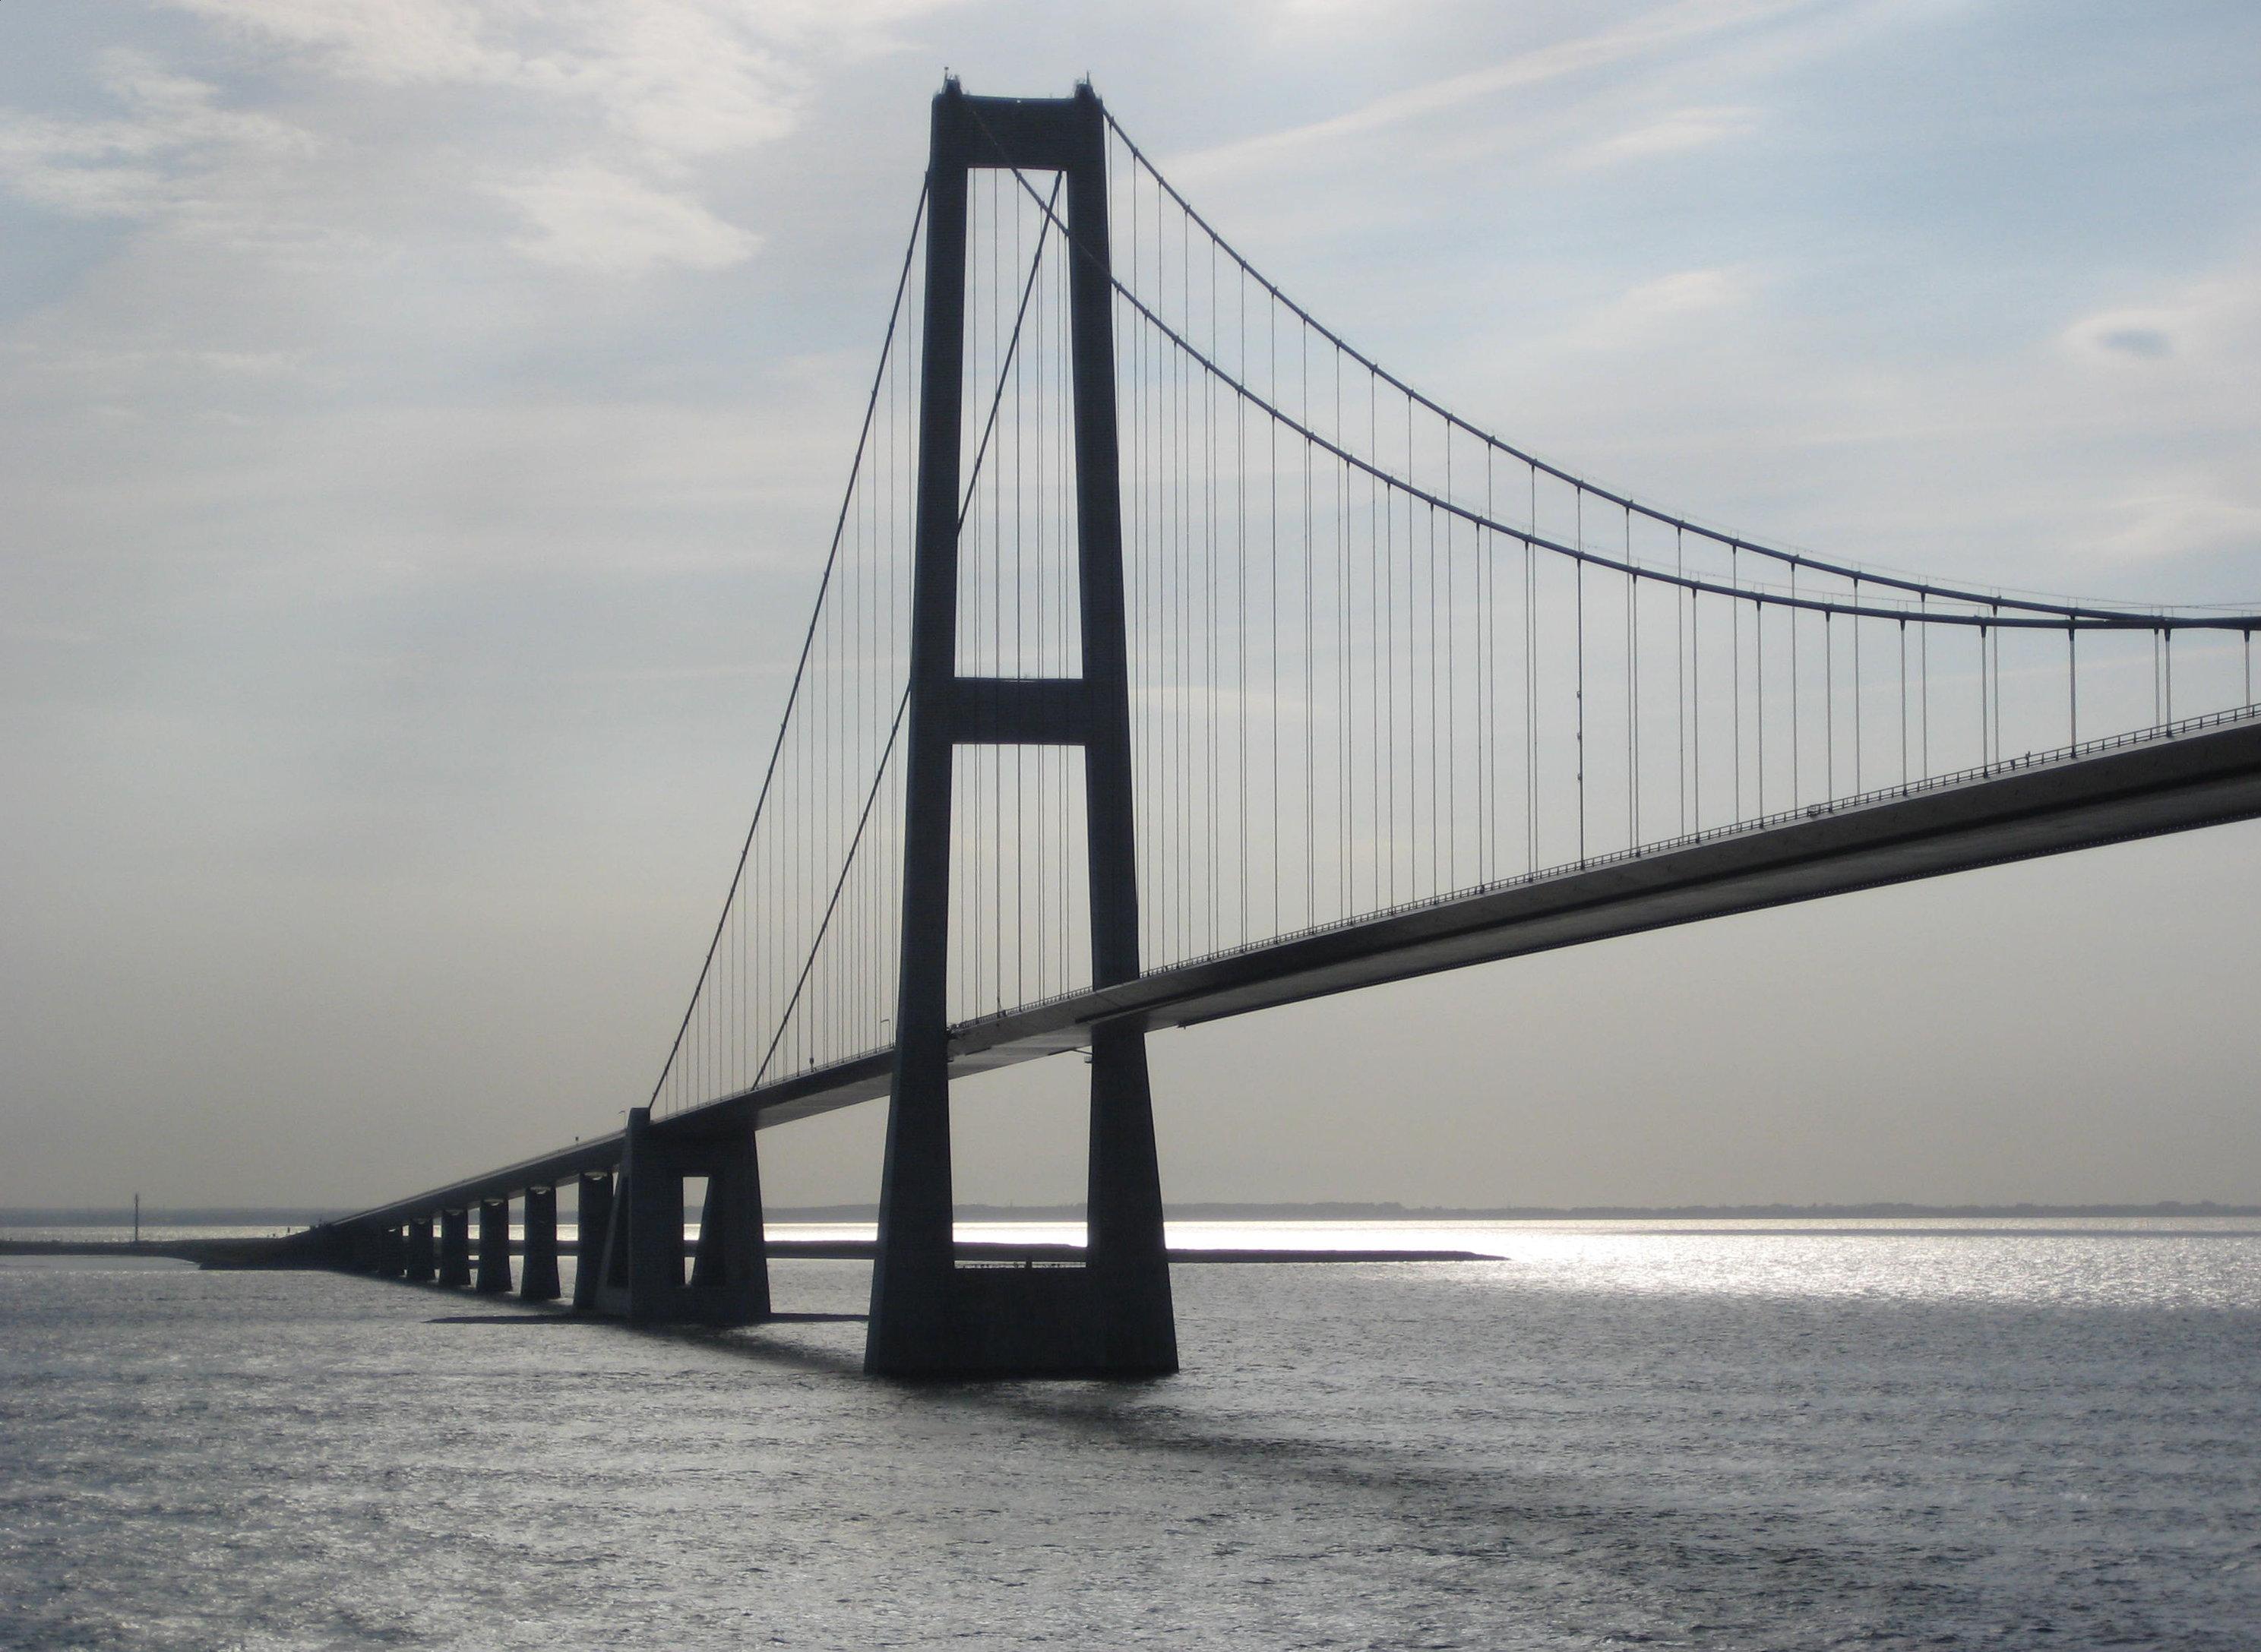 大贝尔特桥- 维基百科,自由的百科全书